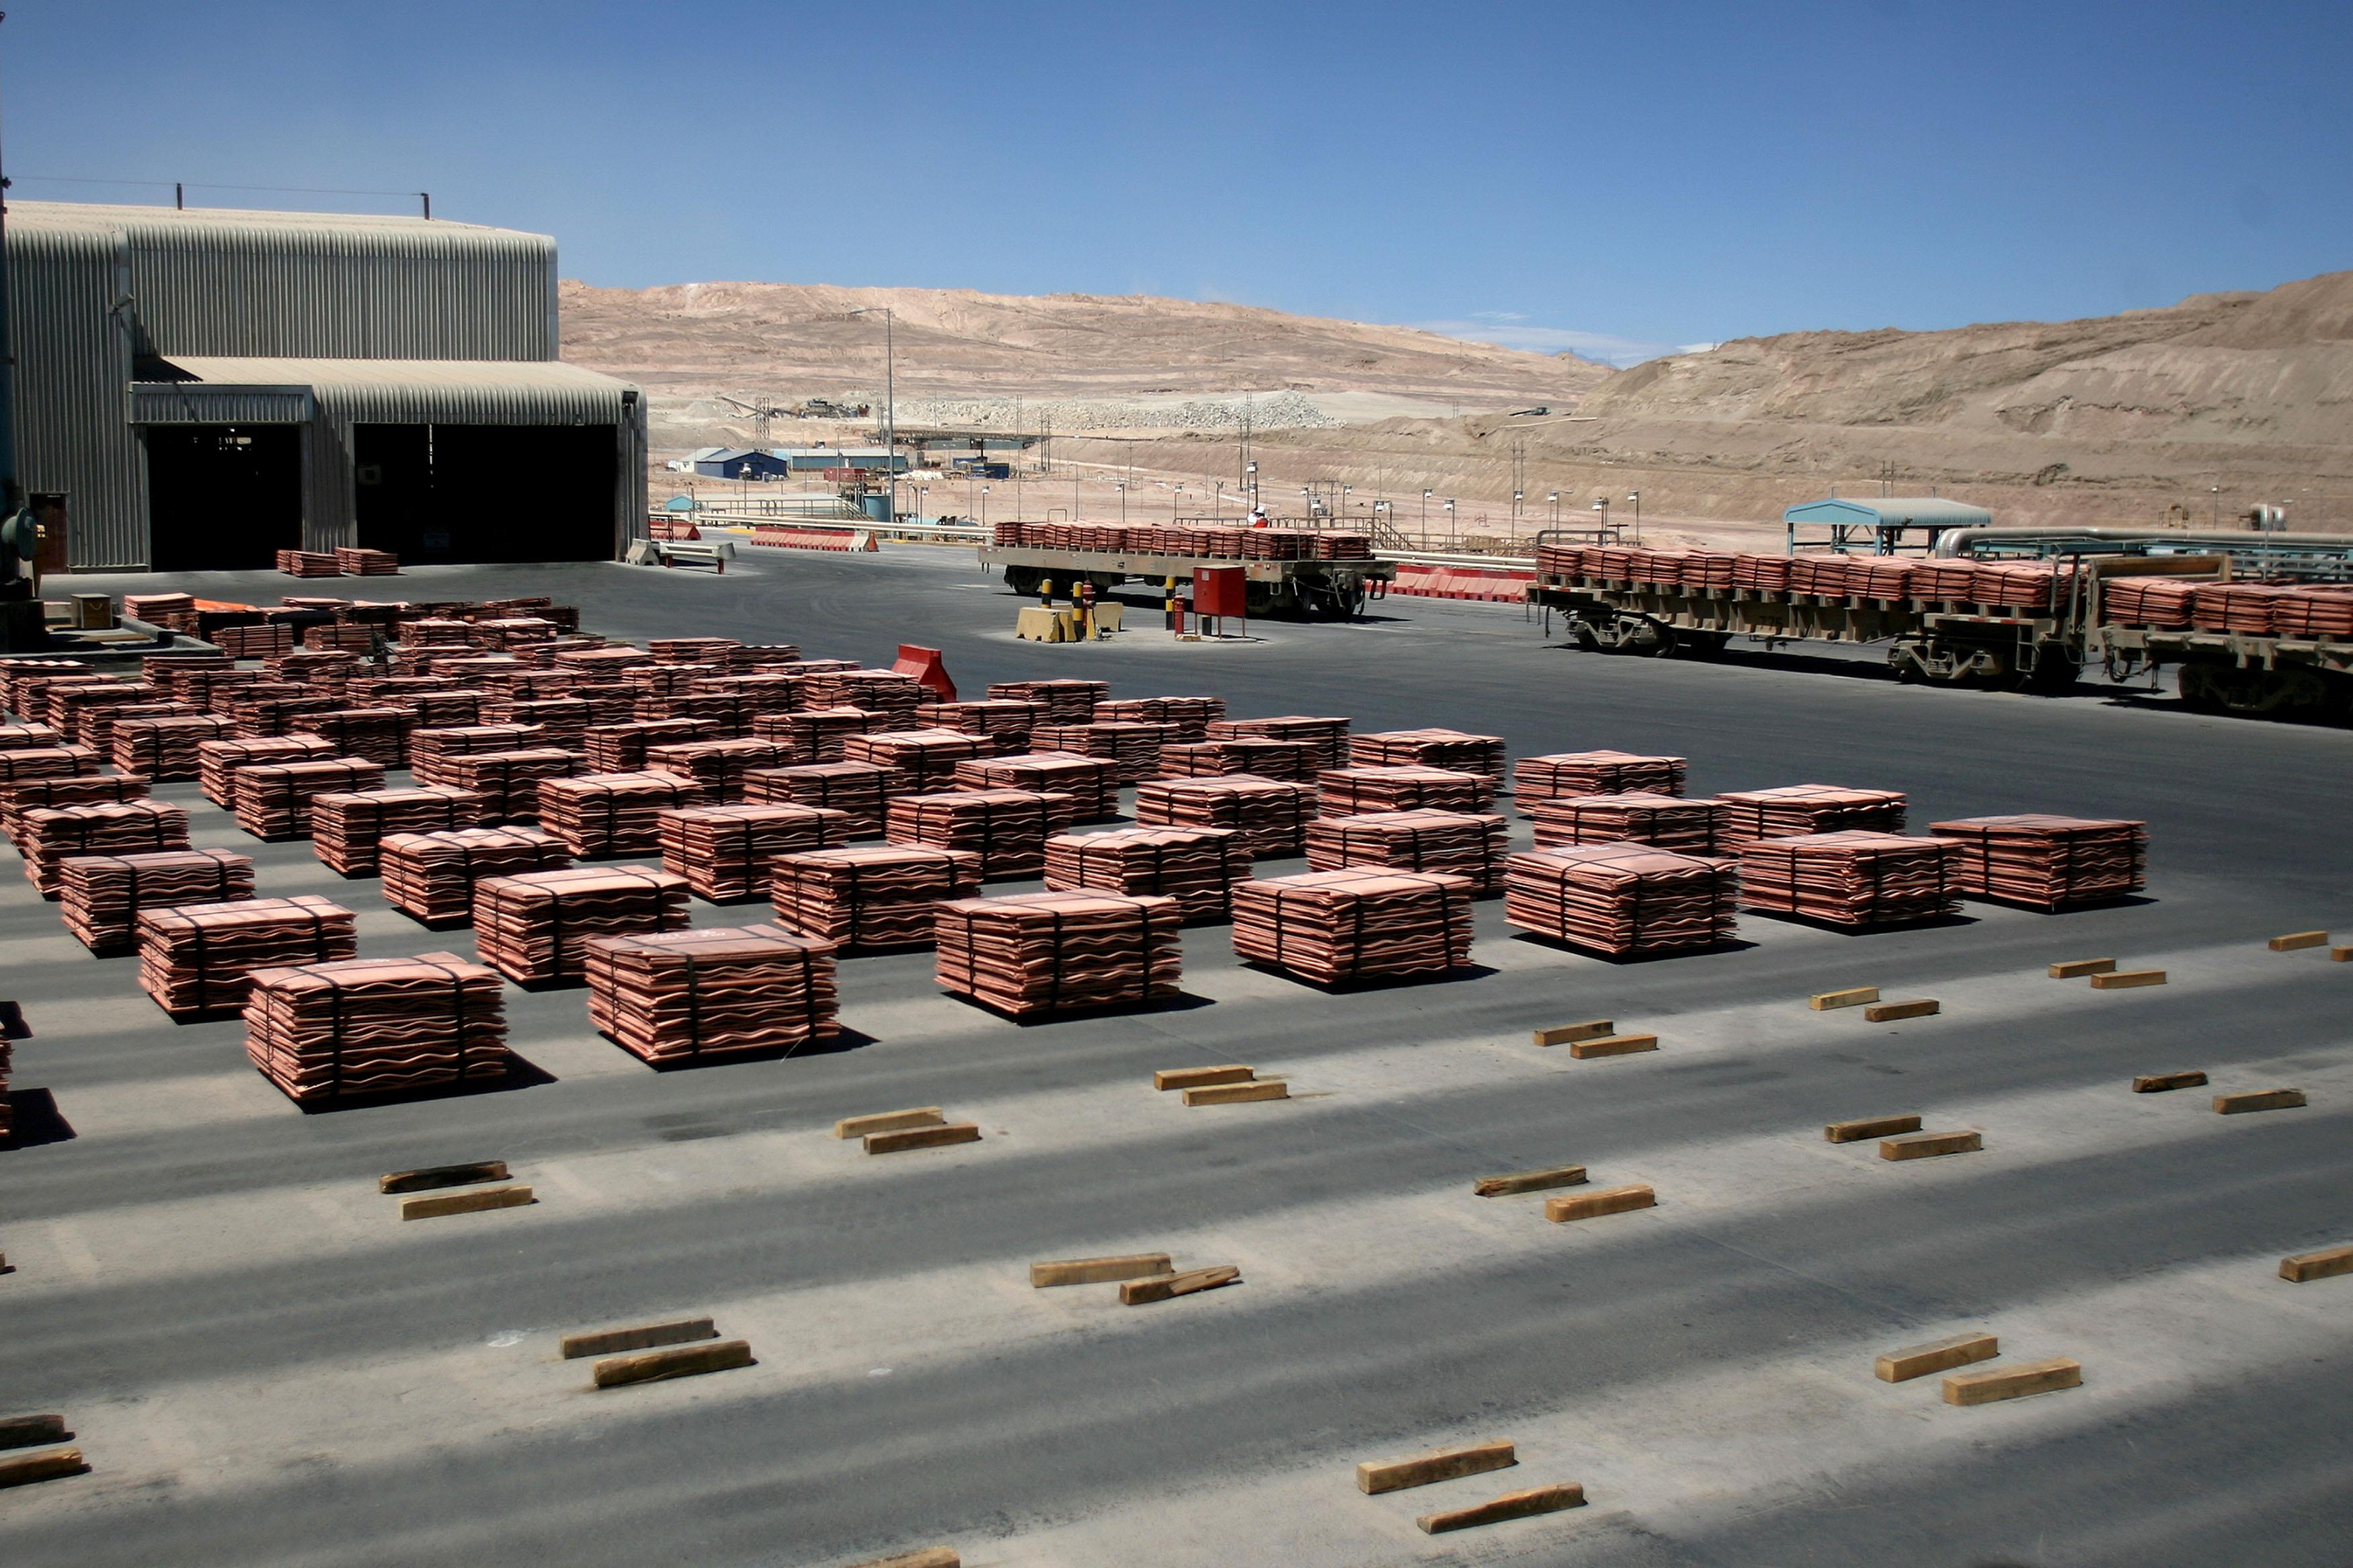 Sheets of copper cathode are pictured at BHP Billiton's Escondida, the world's biggest copper mine, in Antofagasta, Chile March 31, 2008. REUTERS/Ivan Alvarado